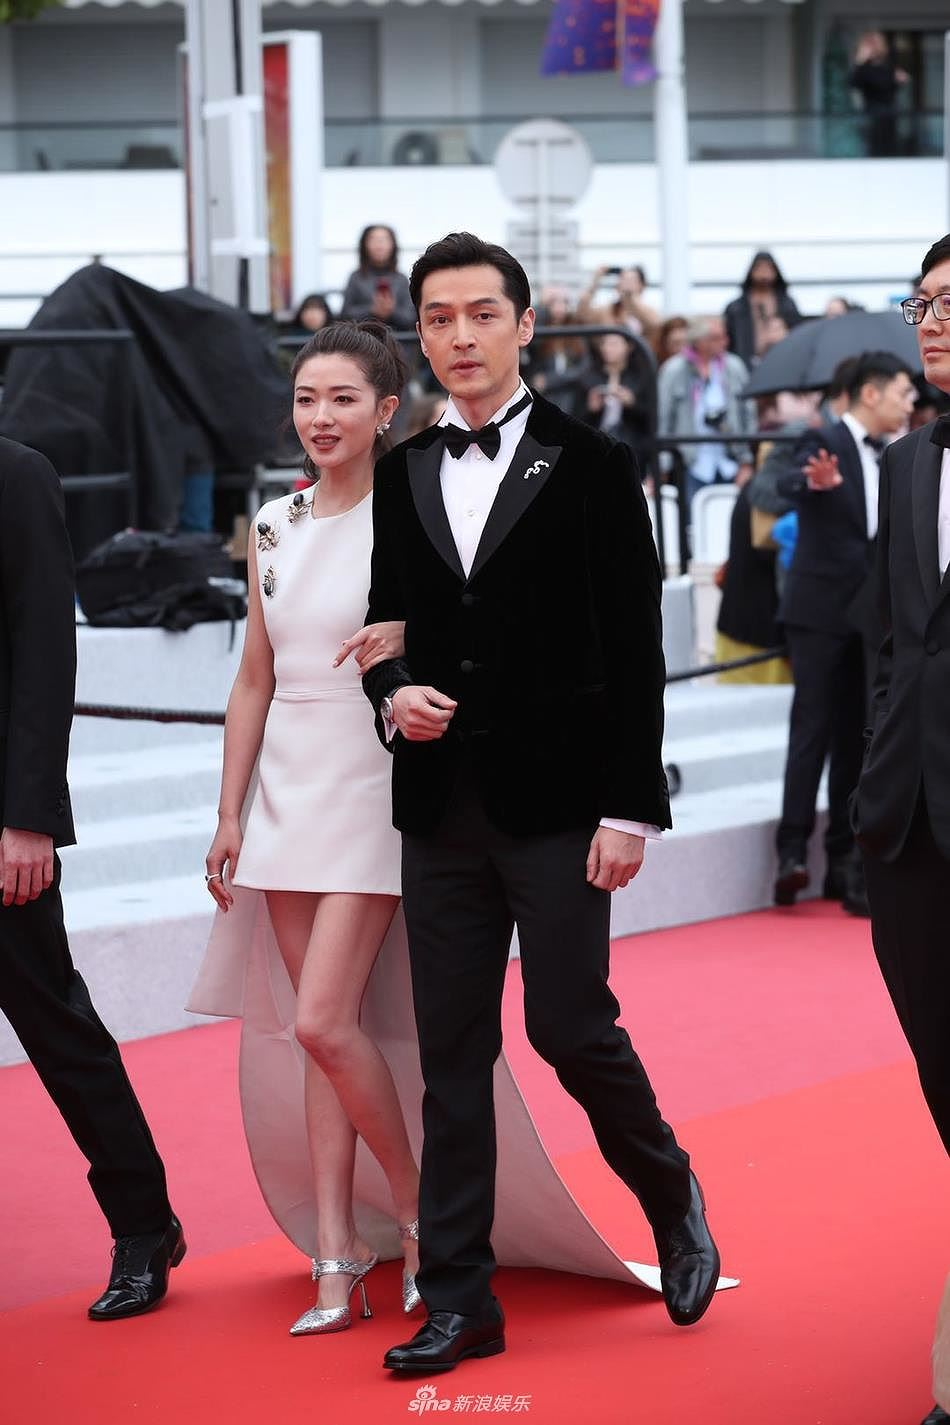 Siêu mẫu đồ nhỏ mặc như không, dàn nam vũ công quằn quại trên thảm đỏ Cannes - Hình 1